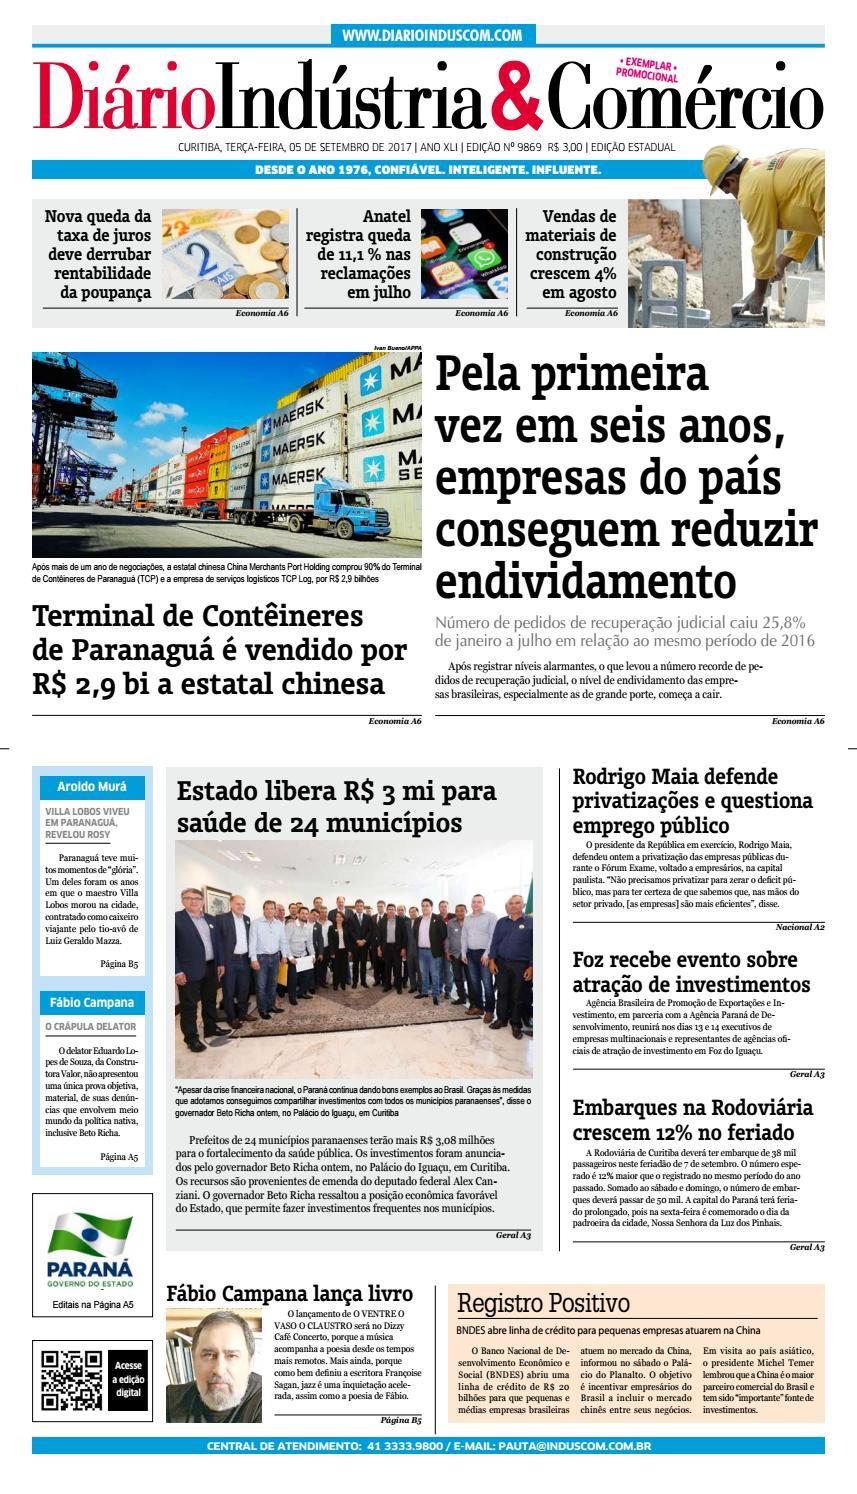 Diário Indústria Comércio - 05 de setembro de 2017 by Diário Indústria    Comércio - issuu cccec0b419dcc